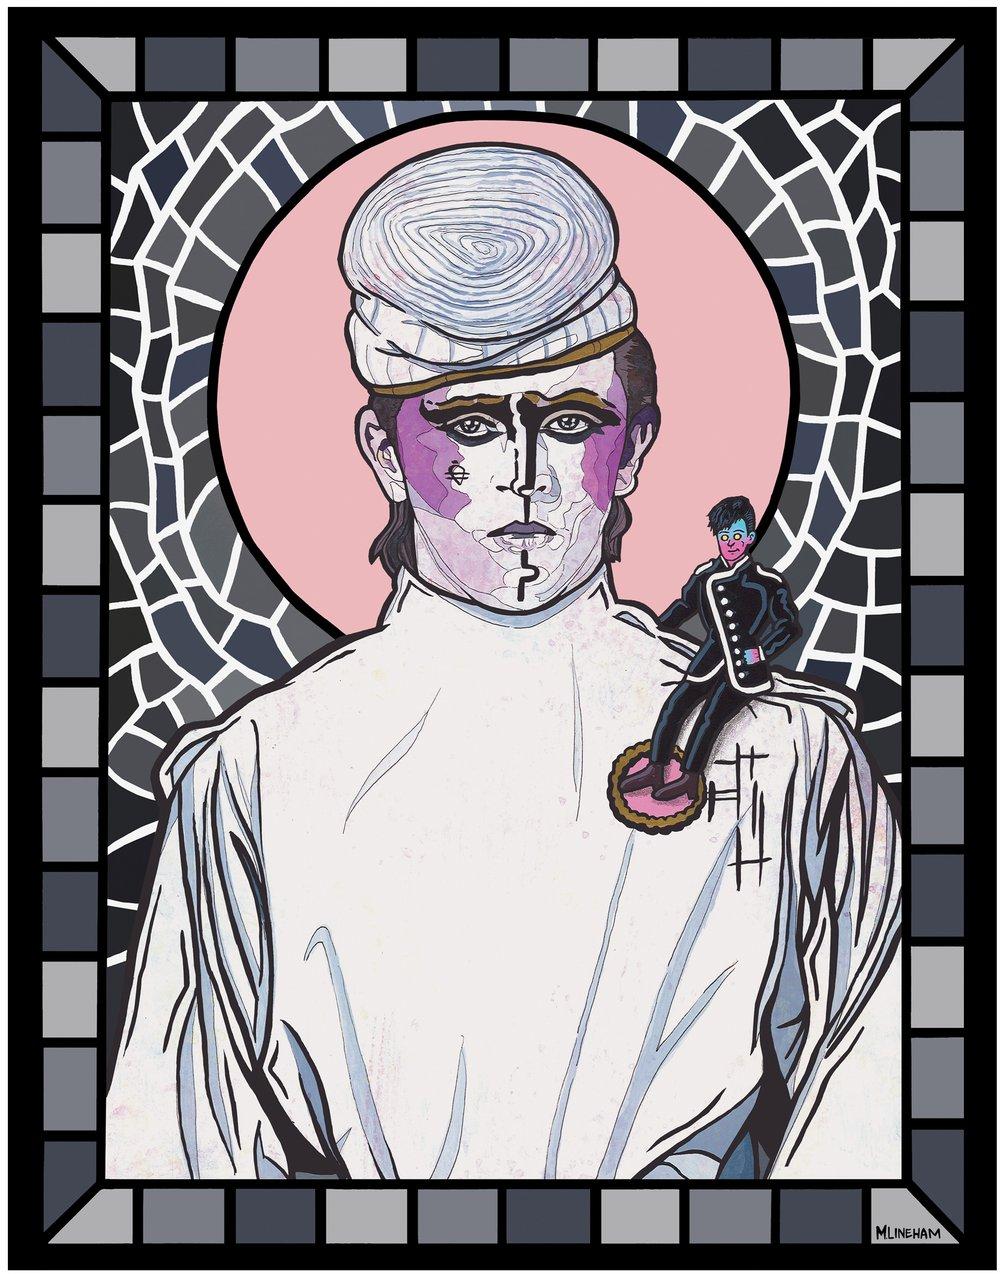 Saint Steve Strange (Visage)